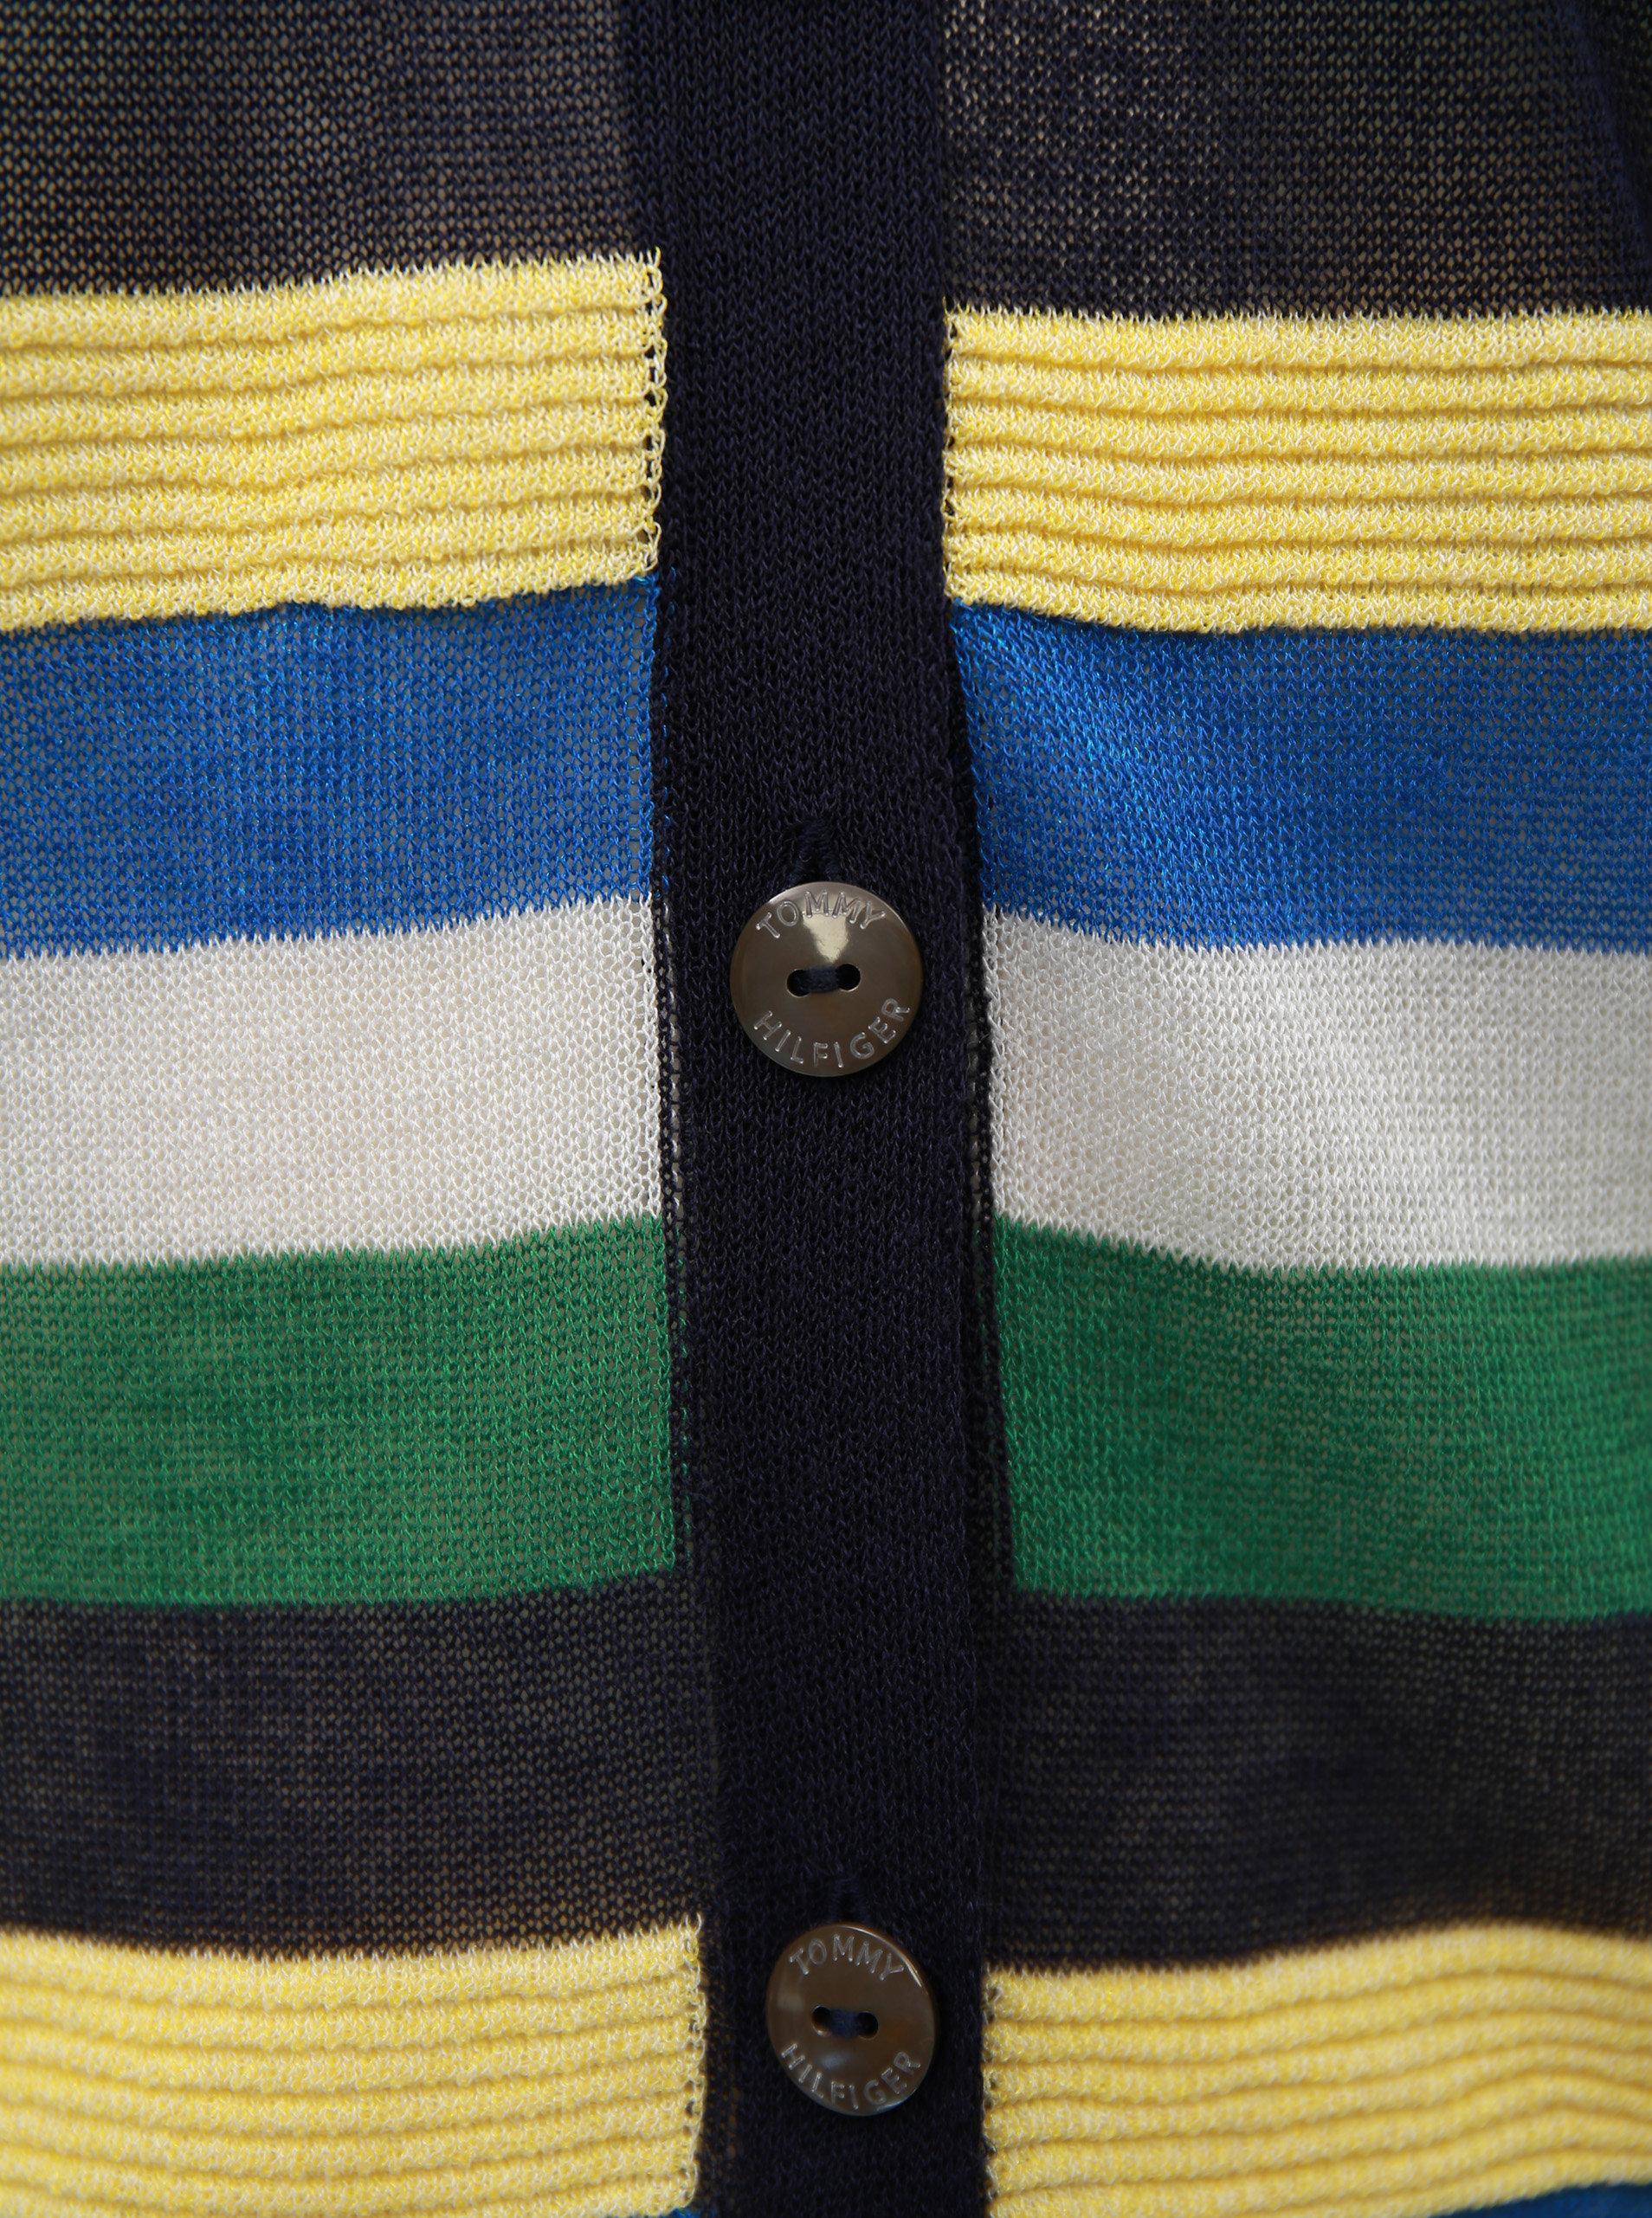 b97c4606058 Zeleno-modrý dámský průsvitný kardigan Tommy Hilfiger ...